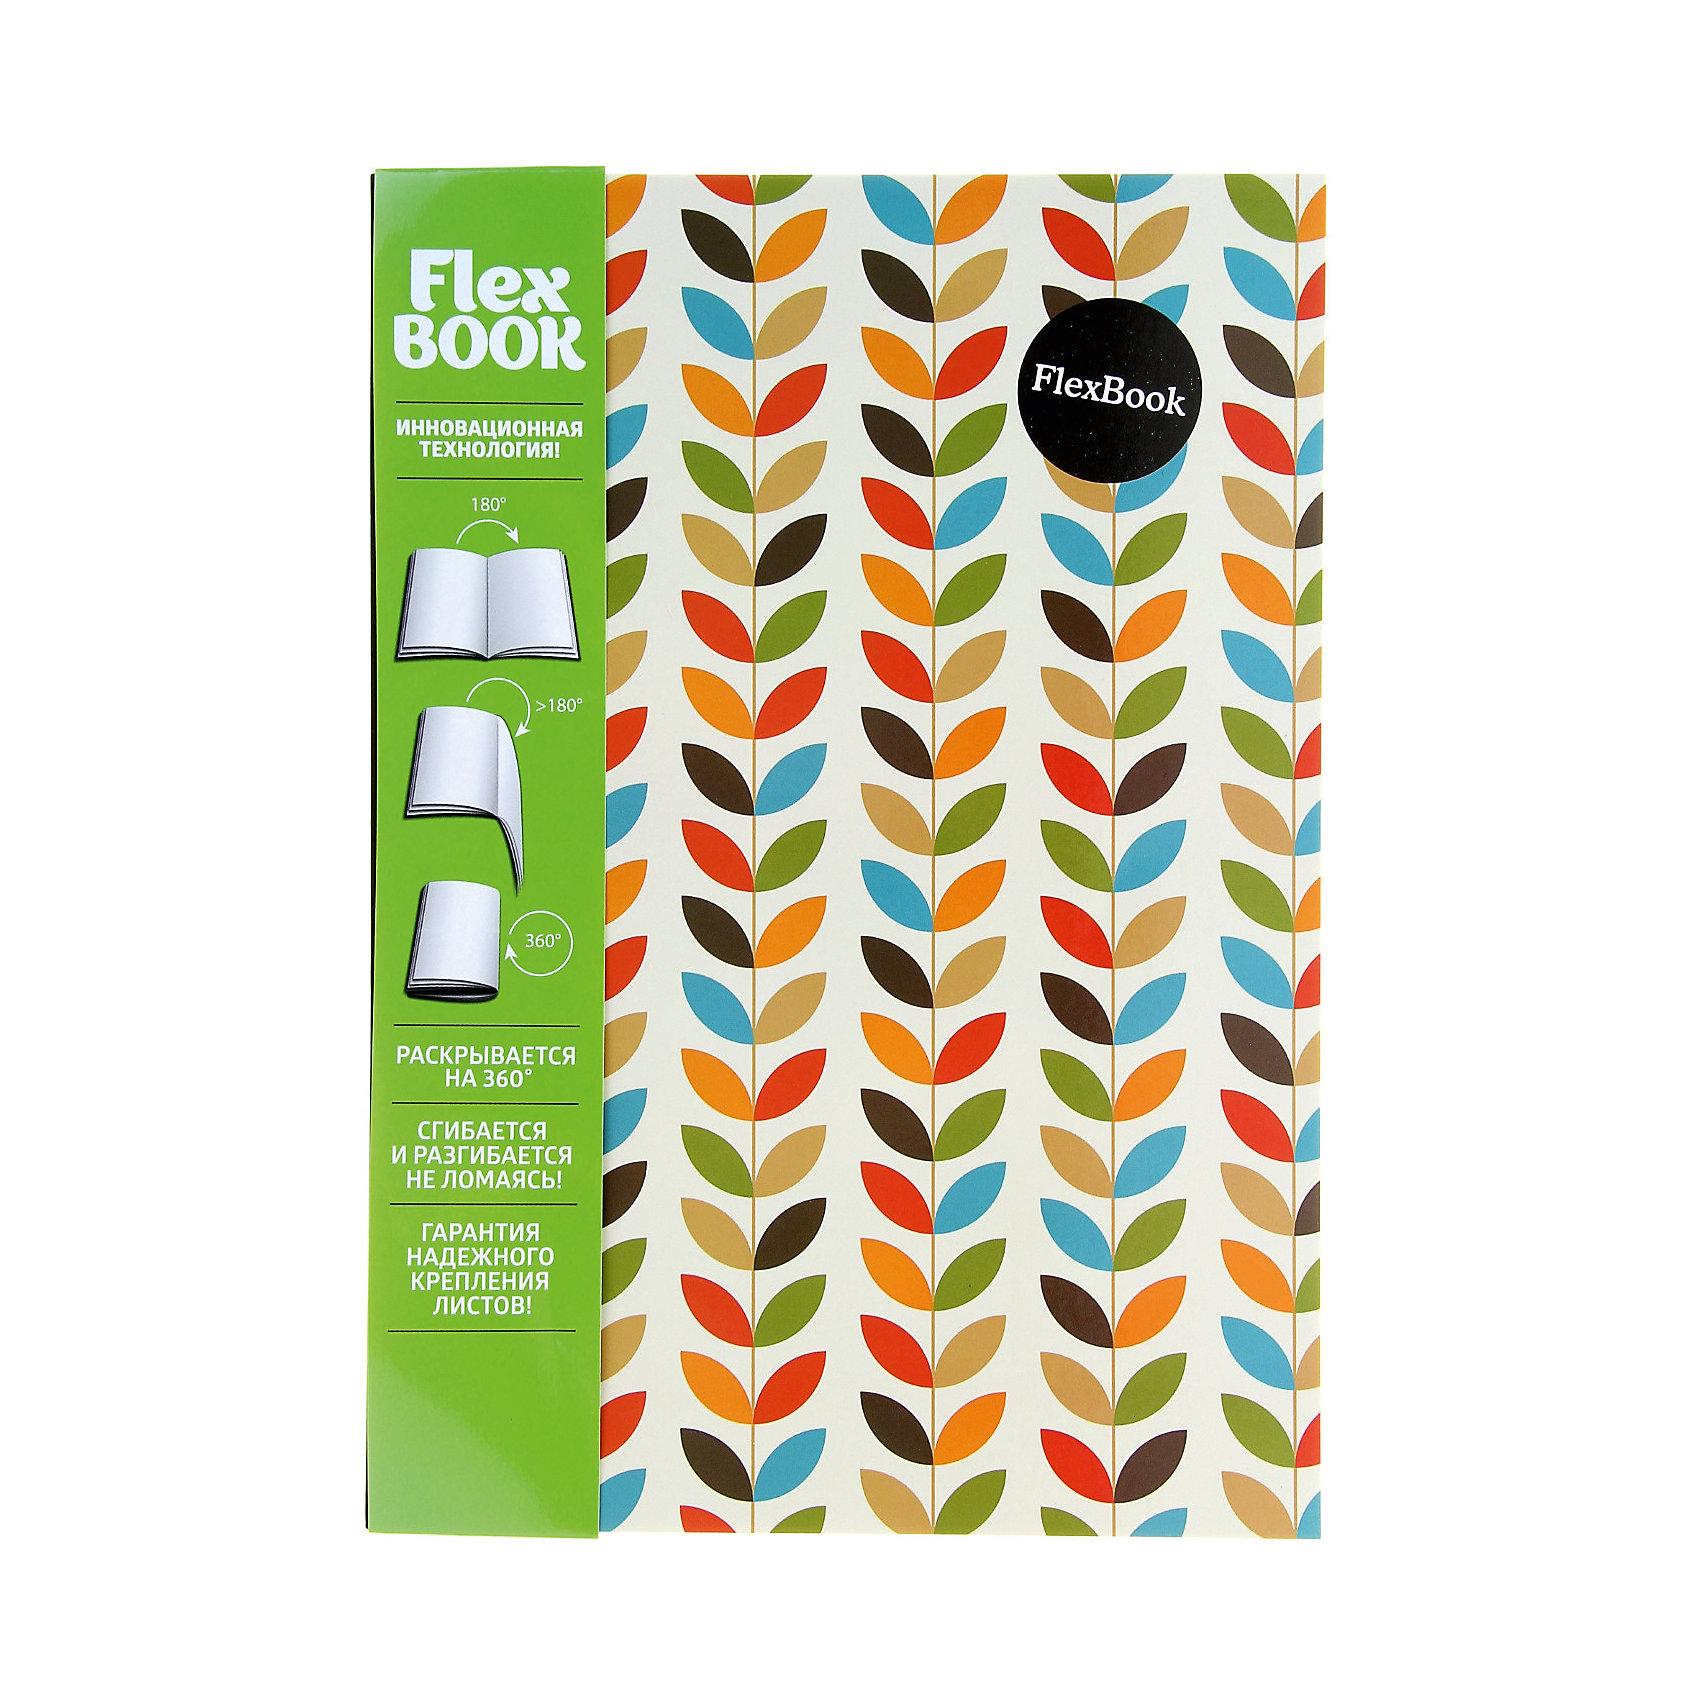 Тетрадь Limpopo Flex Book Flora, А4 60 листовБумажная продукция<br>Характеристики товара:<br><br>• количество листов: 60;<br>• формат: А4;<br>• линовка: клетка;<br>• возраст: от 15 лет;<br>• размер: 21х30 см;<br>• размер упаковки: 21х30х0,5 см;<br>• вес: 279 грамм.<br><br>Тетрадь Flora отлично подойдет для студентов и учащихся старших классов. Благодаря специальной японской технологии Seihon тетрадь можно сгибать, разворачивать на 360 градусов, скручивать и складывать. Обложка из мелованного картона защитит внутренний блок и поможет продлить срок службы тетради. Подходит для левшей.<br><br>Тетрадь А4 60листов «Flex Book» Flora можно купить в нашем интернет-магазине.<br><br>Ширина мм: 300<br>Глубина мм: 210<br>Высота мм: 5<br>Вес г: 279<br>Возраст от месяцев: 84<br>Возраст до месяцев: 2147483647<br>Пол: Унисекс<br>Возраст: Детский<br>SKU: 7029920